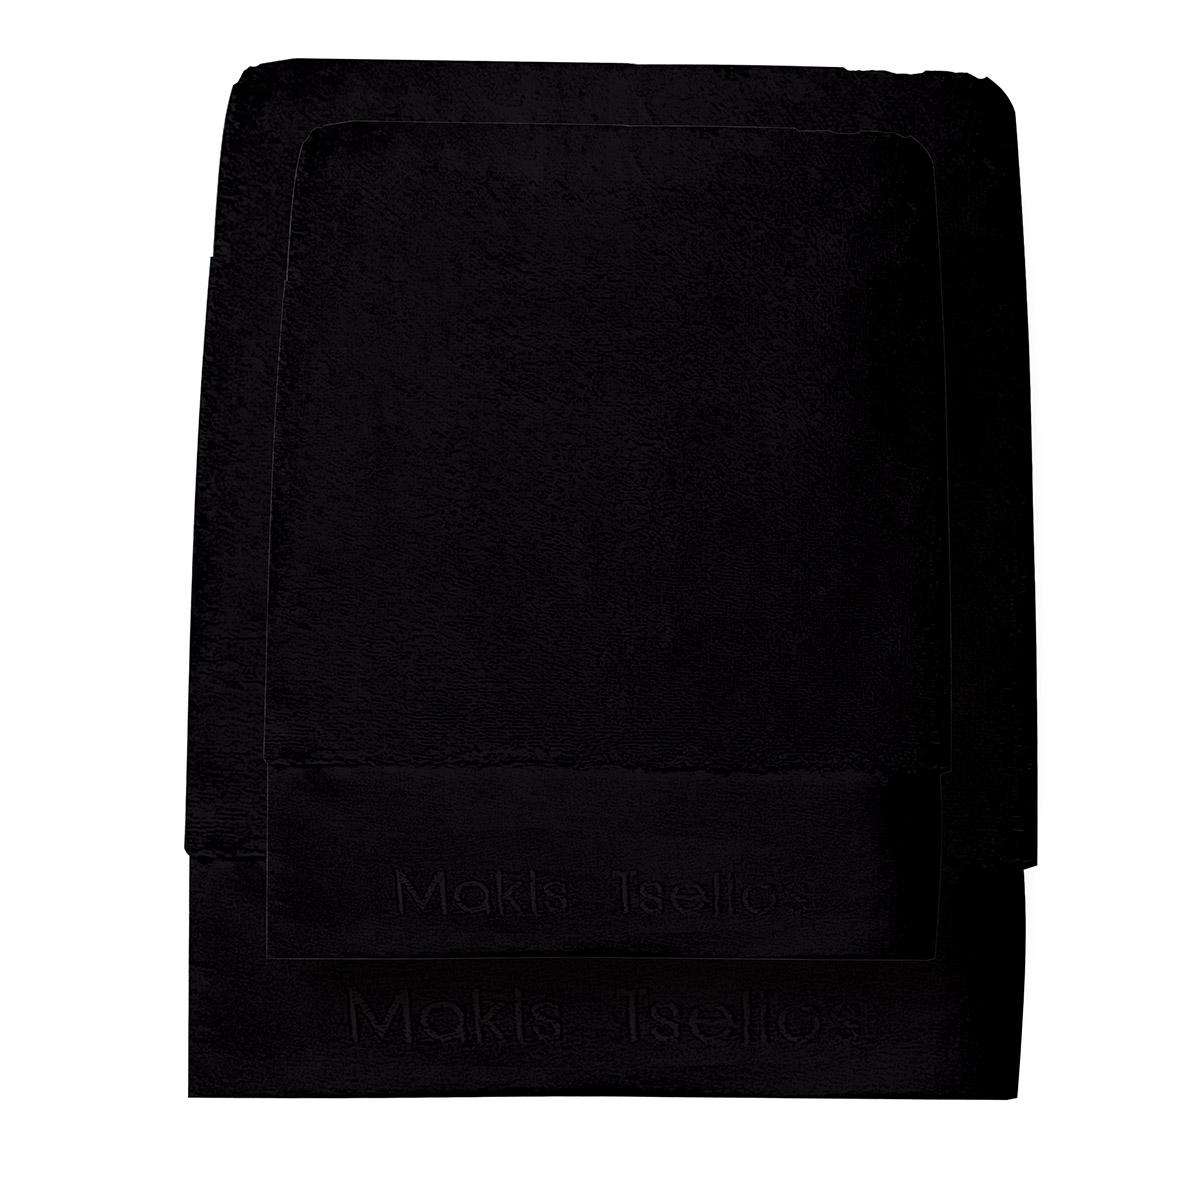 Πετσέτες Μπάνιου (Σετ 3τμχ) Makis Tselios Feel 4 Black